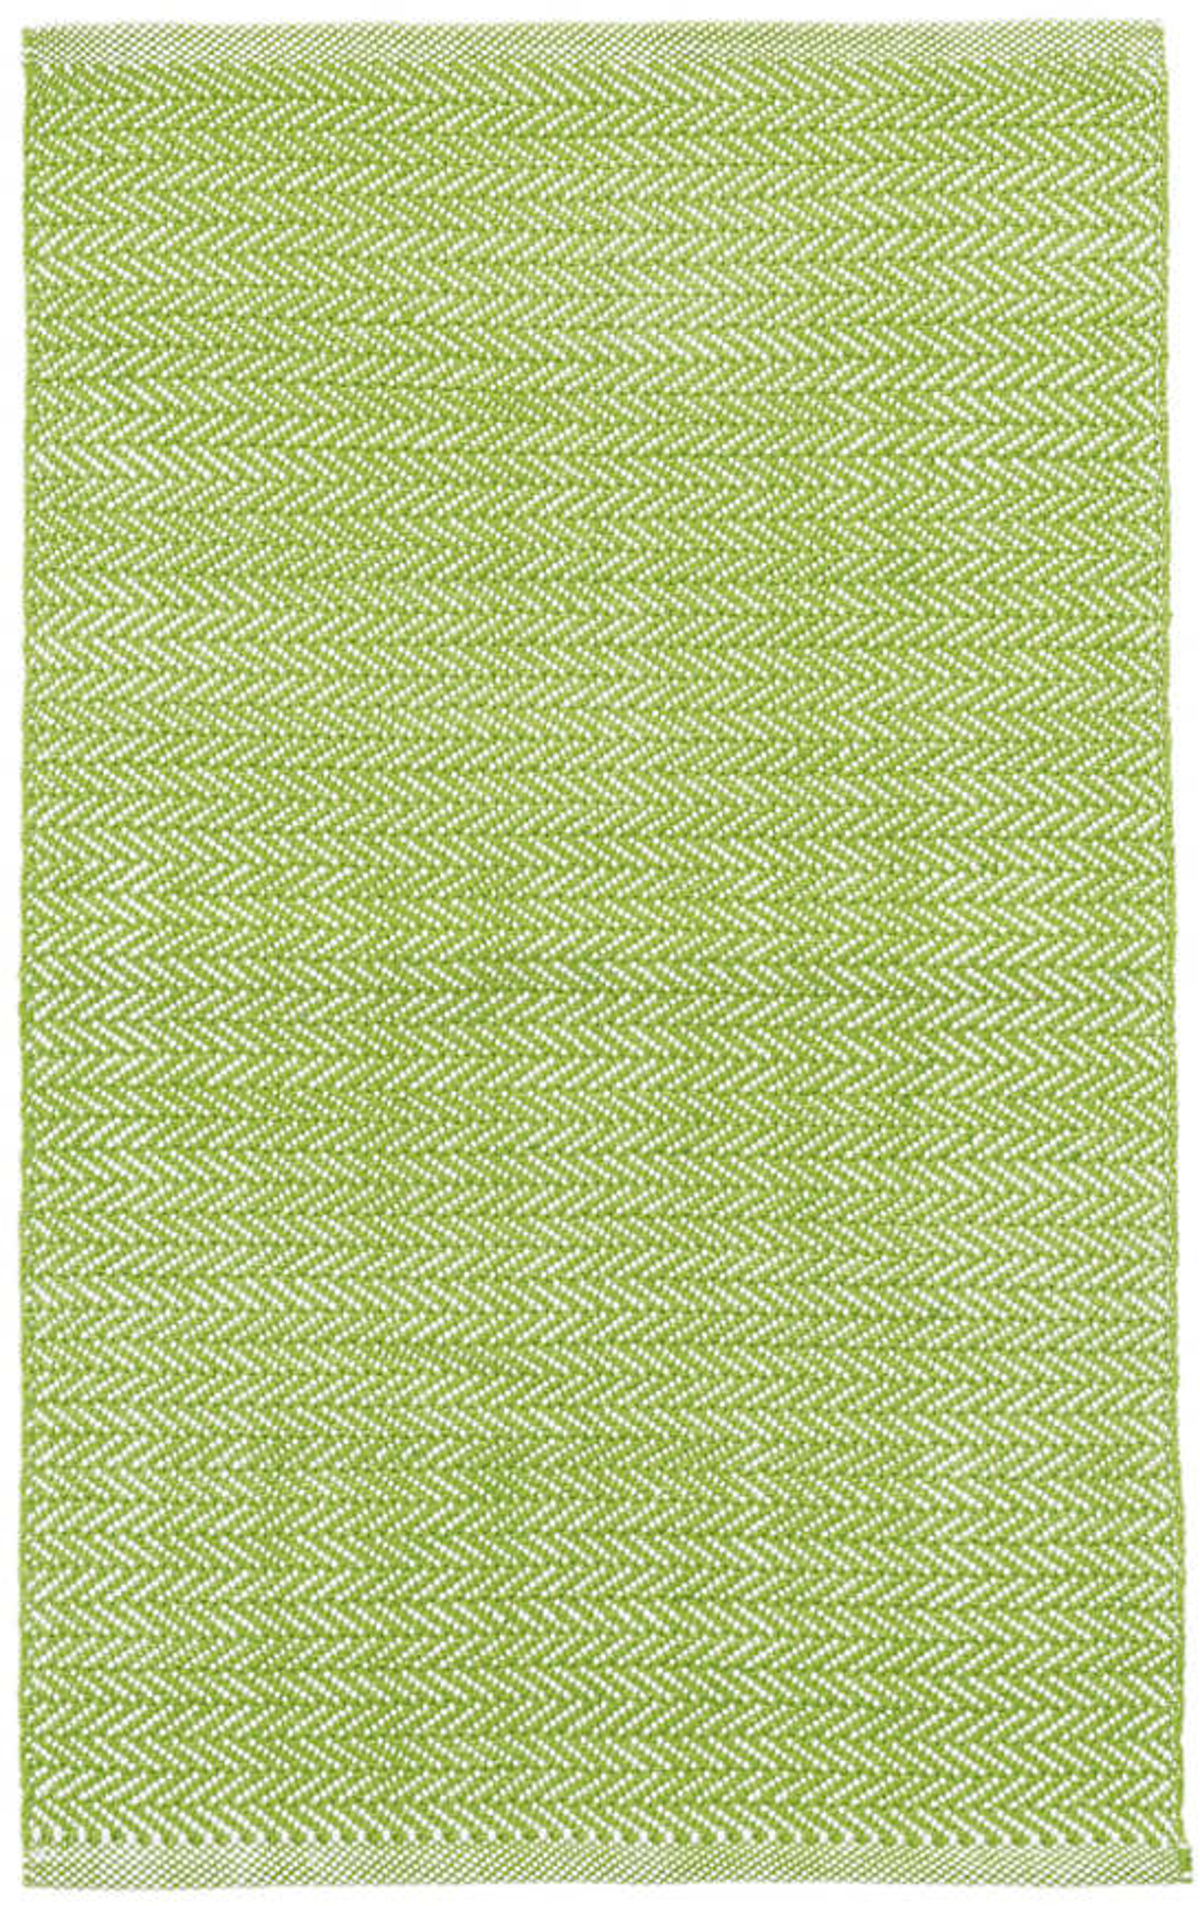 C3 Herringbone Green Indoor/Outdoor Rug | Dash & Albert